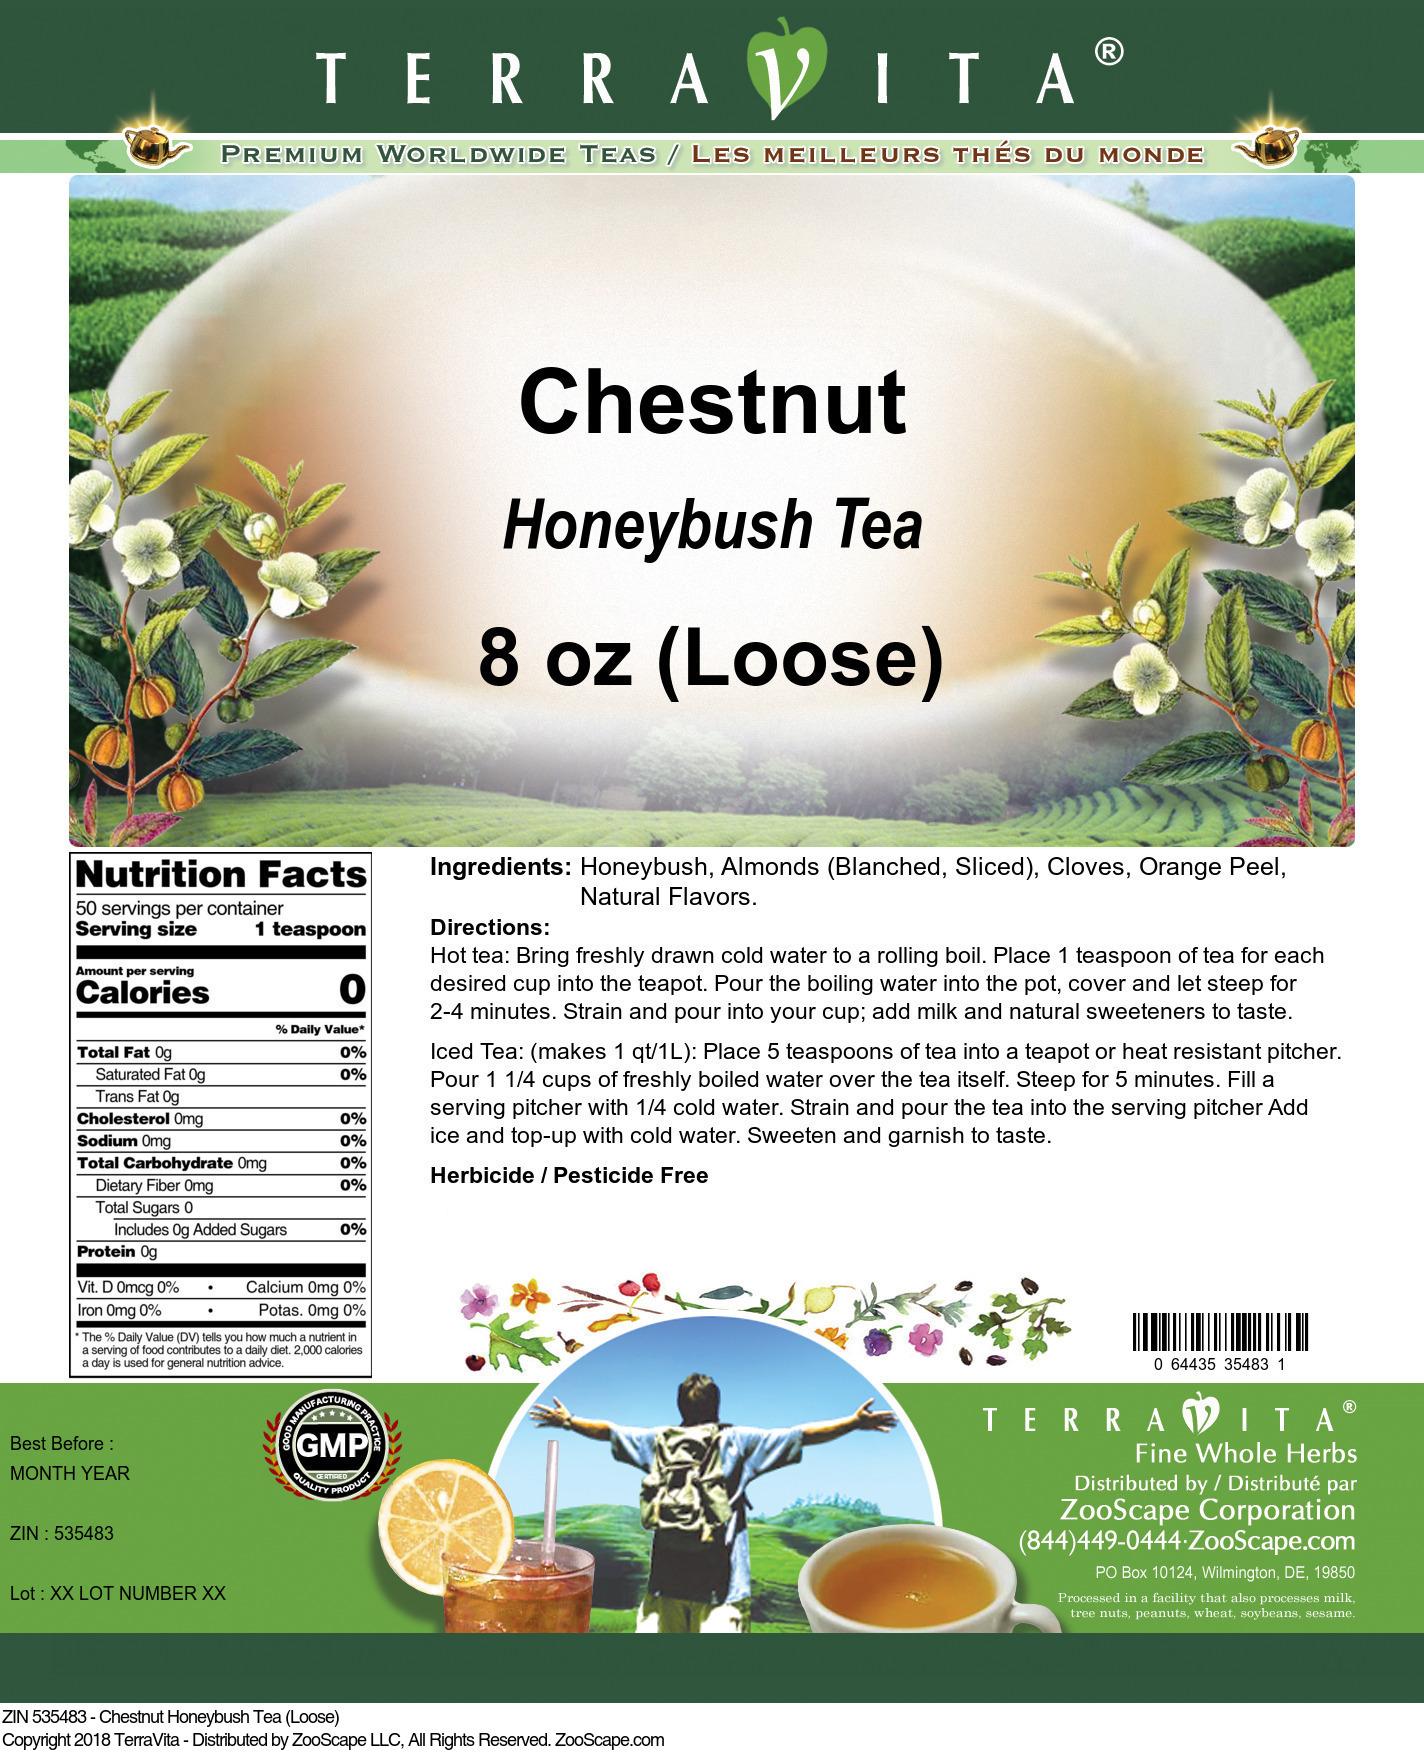 Chestnut Honeybush Tea